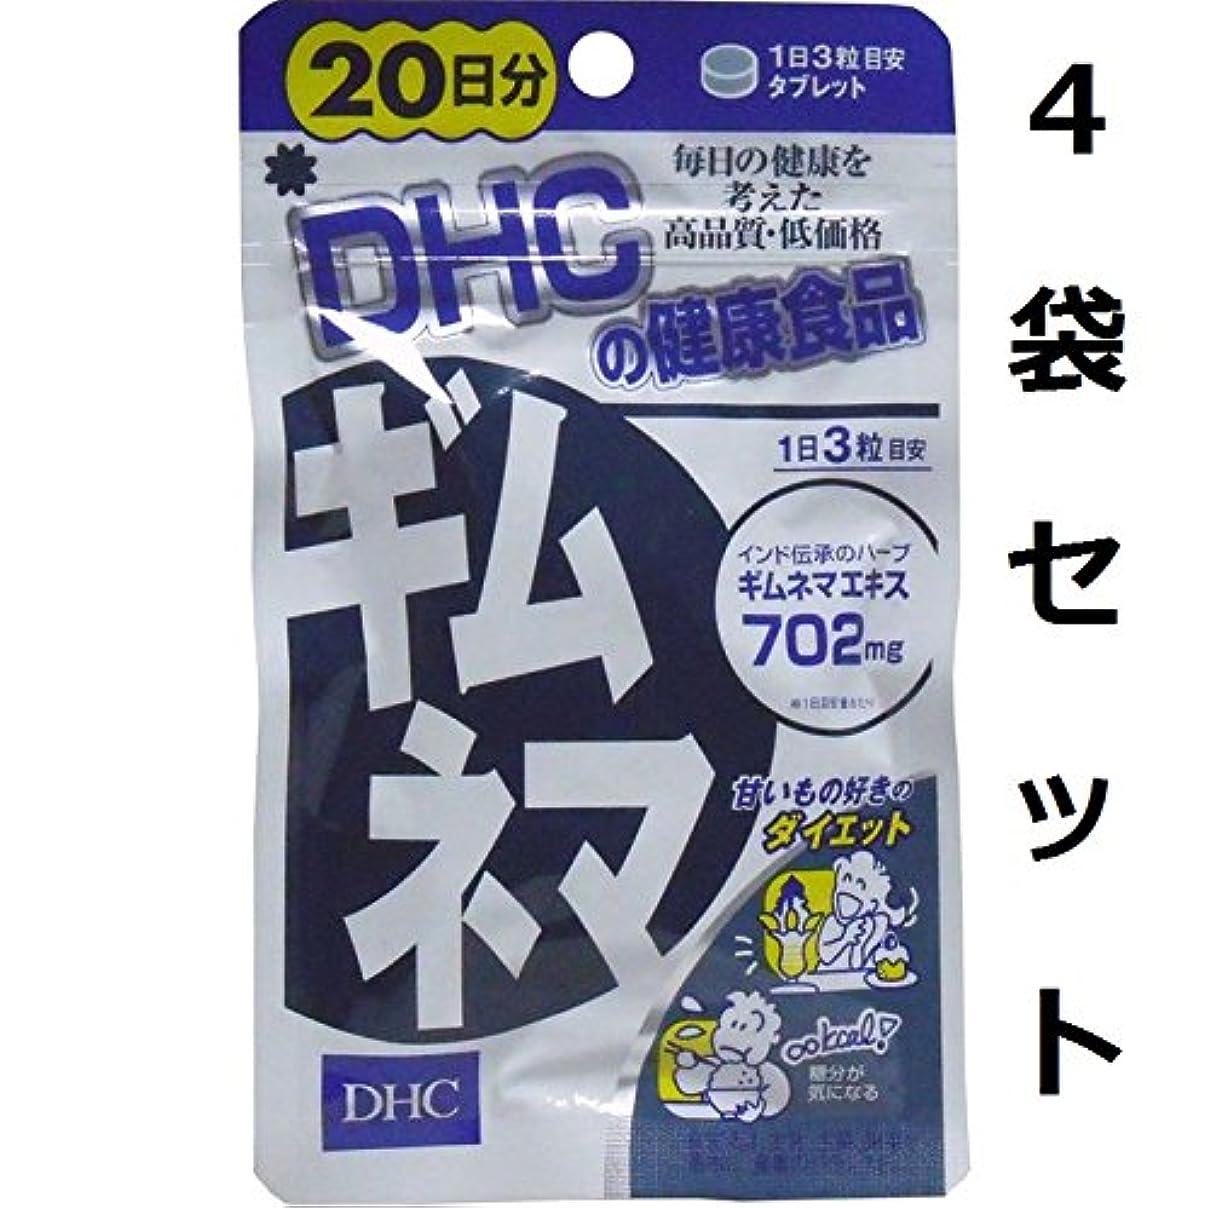 方法モチーフツール我慢せずに余分な糖分をブロック DHC ギムネマ 20日分 60粒 4袋セット